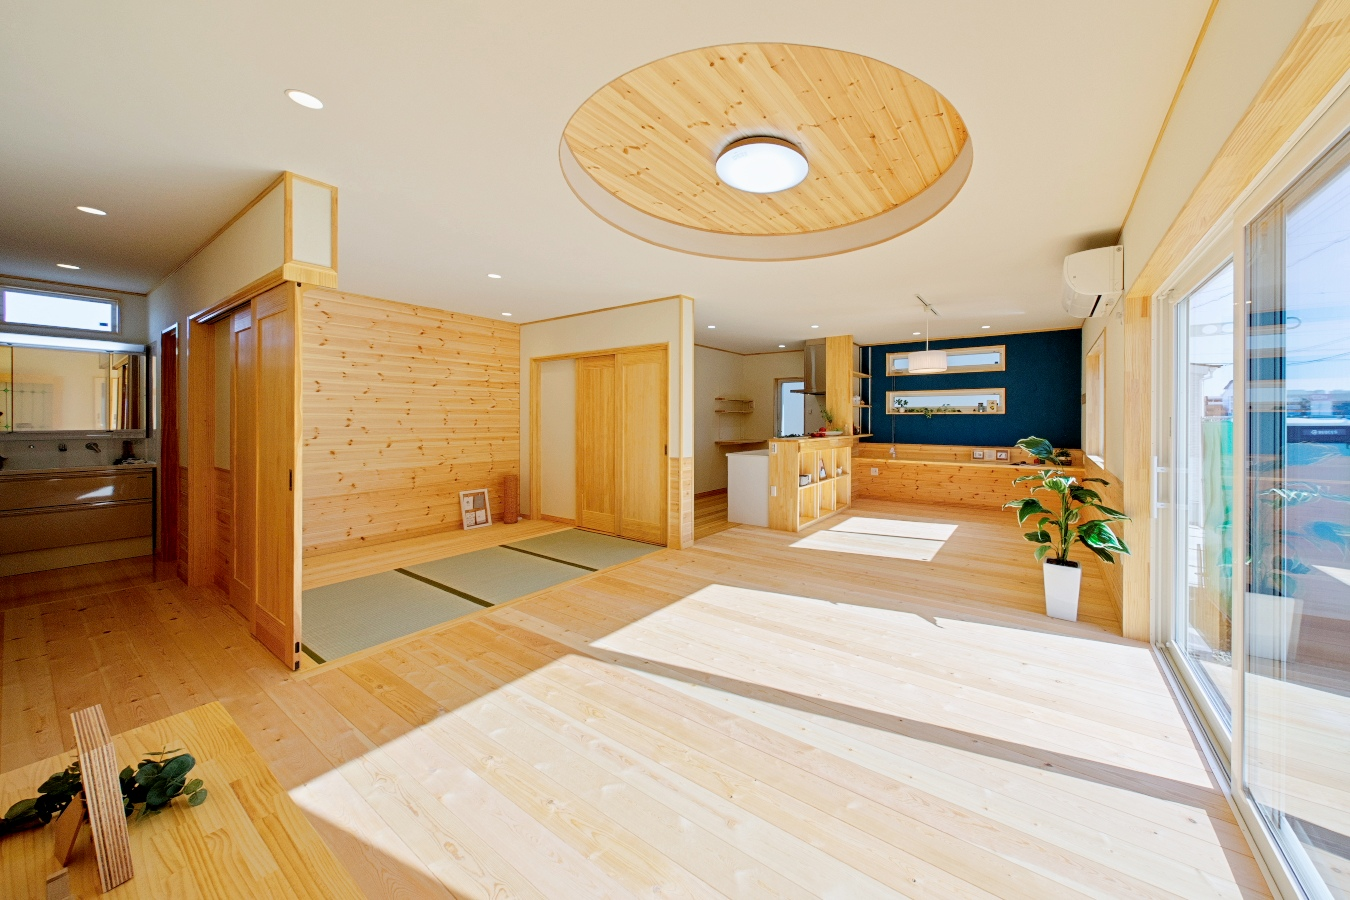 丸型掘り上げ天井がおしゃれ!木のぬくもりたっぷり自然素材の平屋